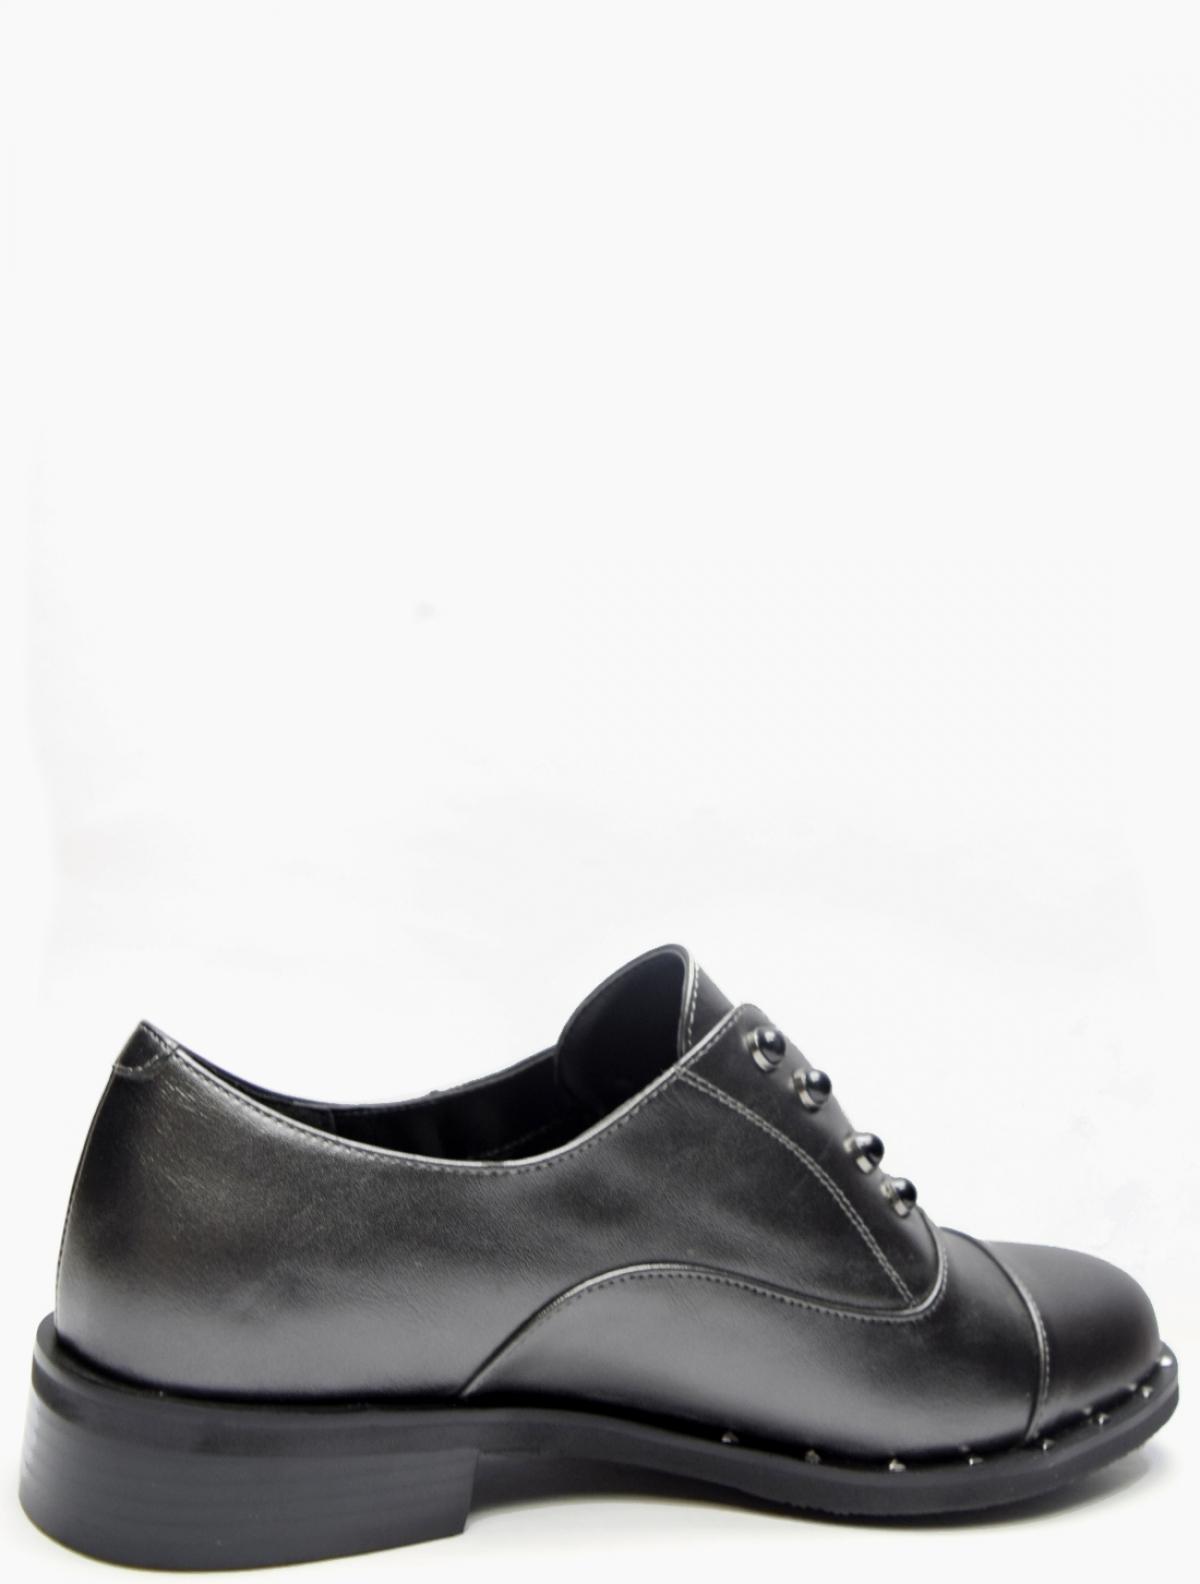 Bona Mente M511-E61421-5 женские туфли